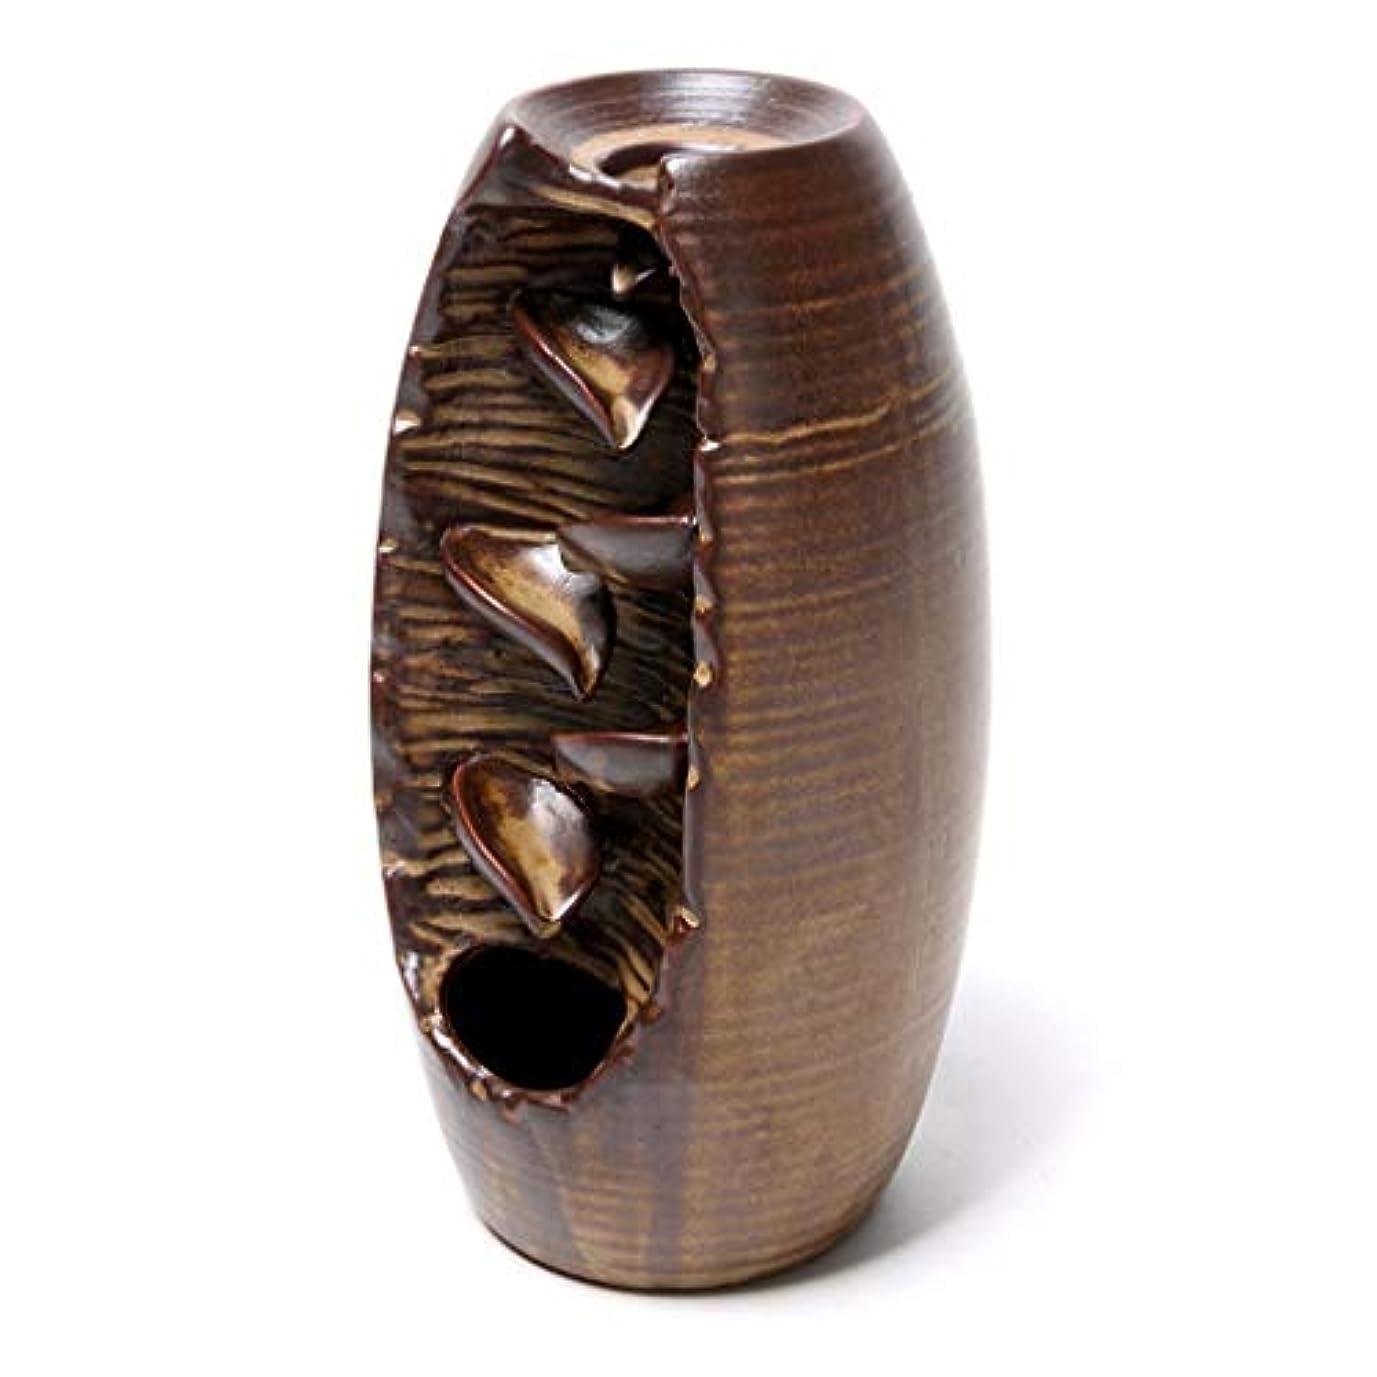 増幅する彫刻家大型トラックセラミック逆流香炉逆流香ホルダーホームセラミックオフィス香コーンホルダーバーナーアロマセラピー炉 (Color : Brown, サイズ : 3.54*8.07 inches)